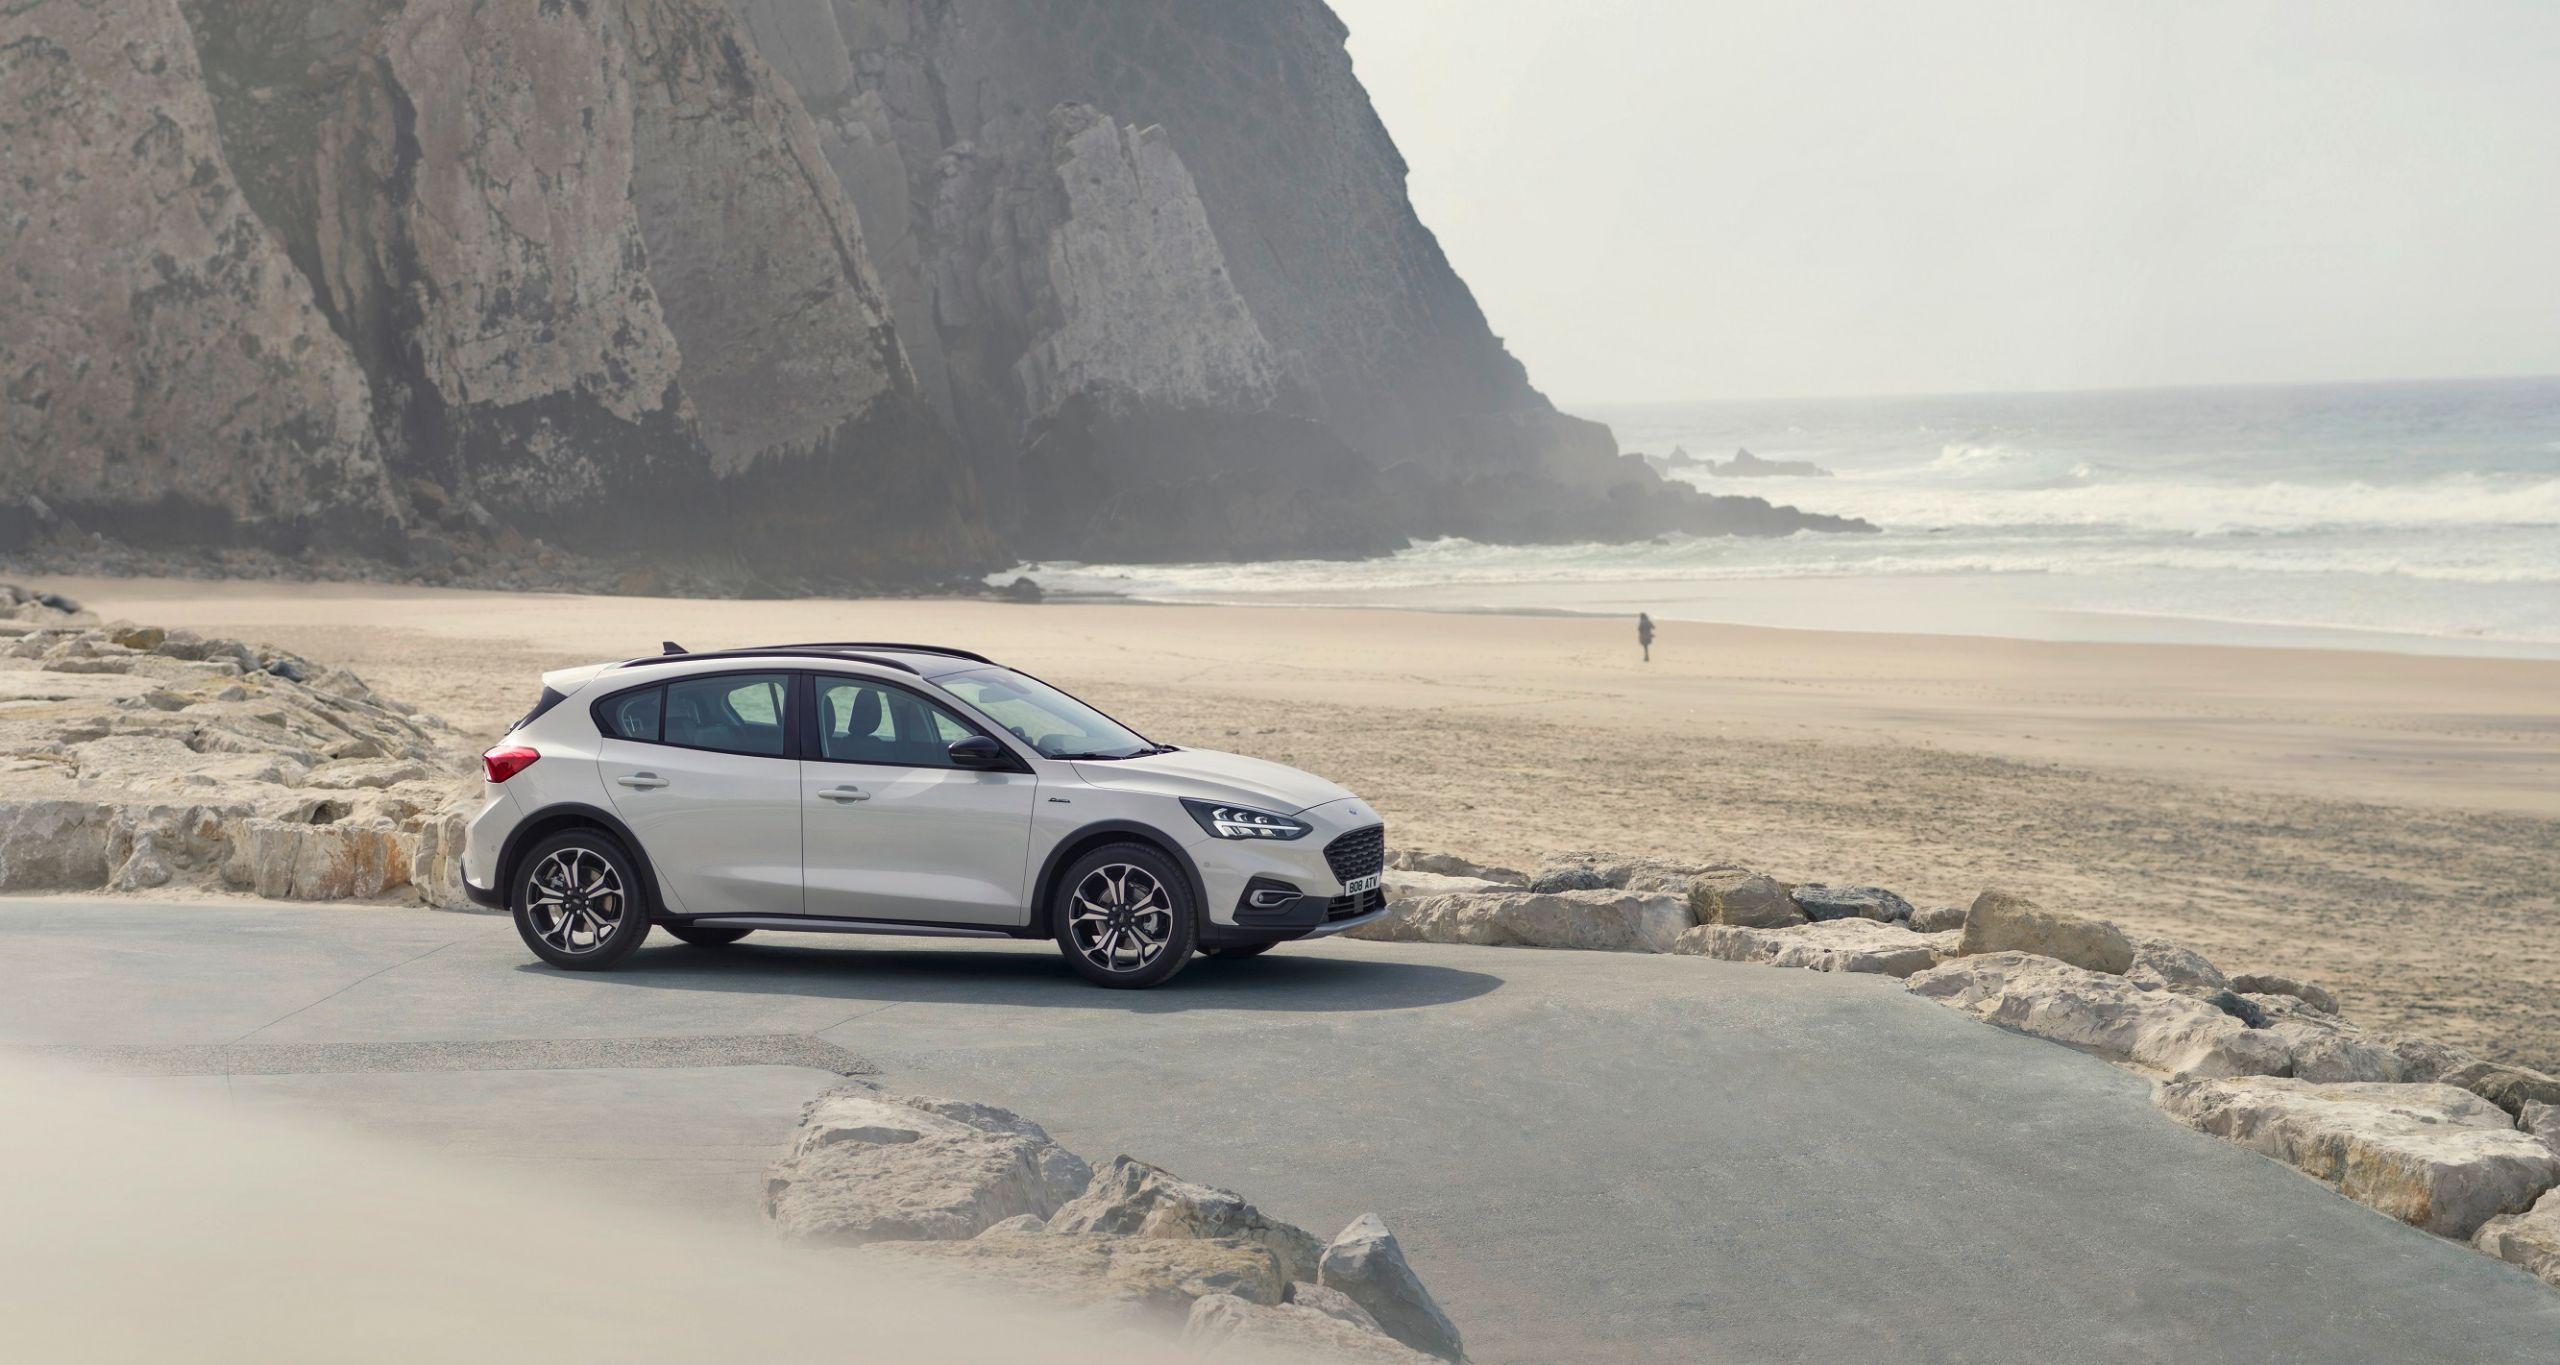 Ford: indefinições sobre o futuro da fabricante